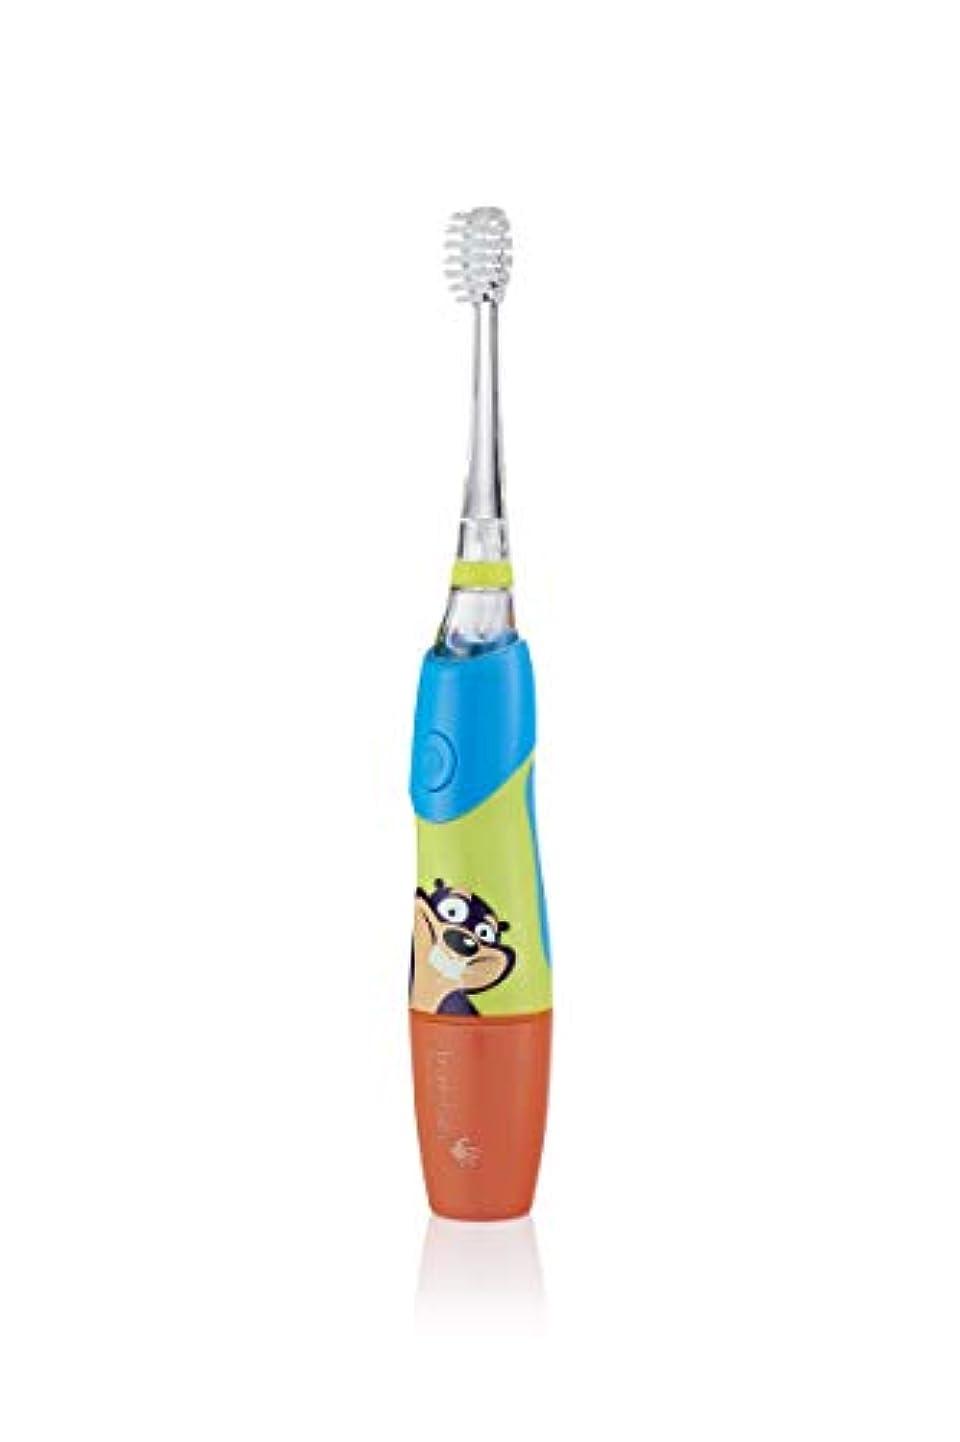 イベント愚か伝記Brush Baby Kidz Sonic Electric Toothbrush- BLUE - 3 x Small brush heads with soft vibrating bristles - ブラシベビーキッズソニックエレクトリック...